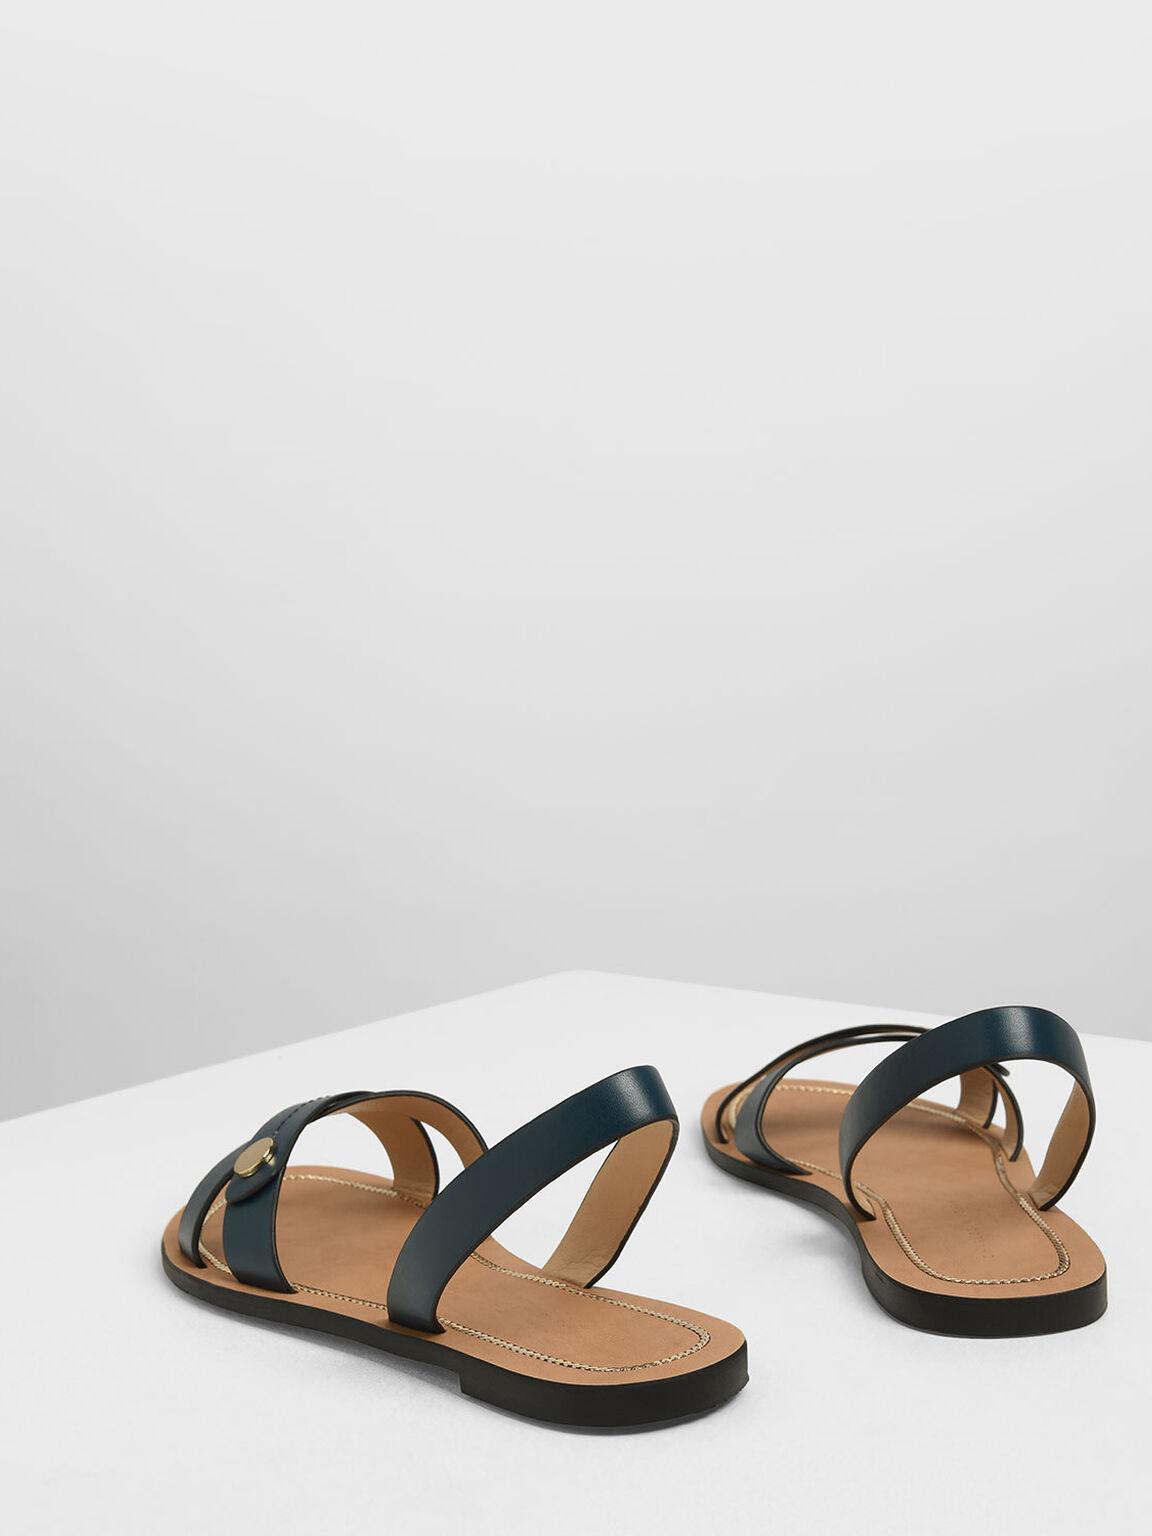 交叉帶平底涼鞋, 藍綠色, hi-res